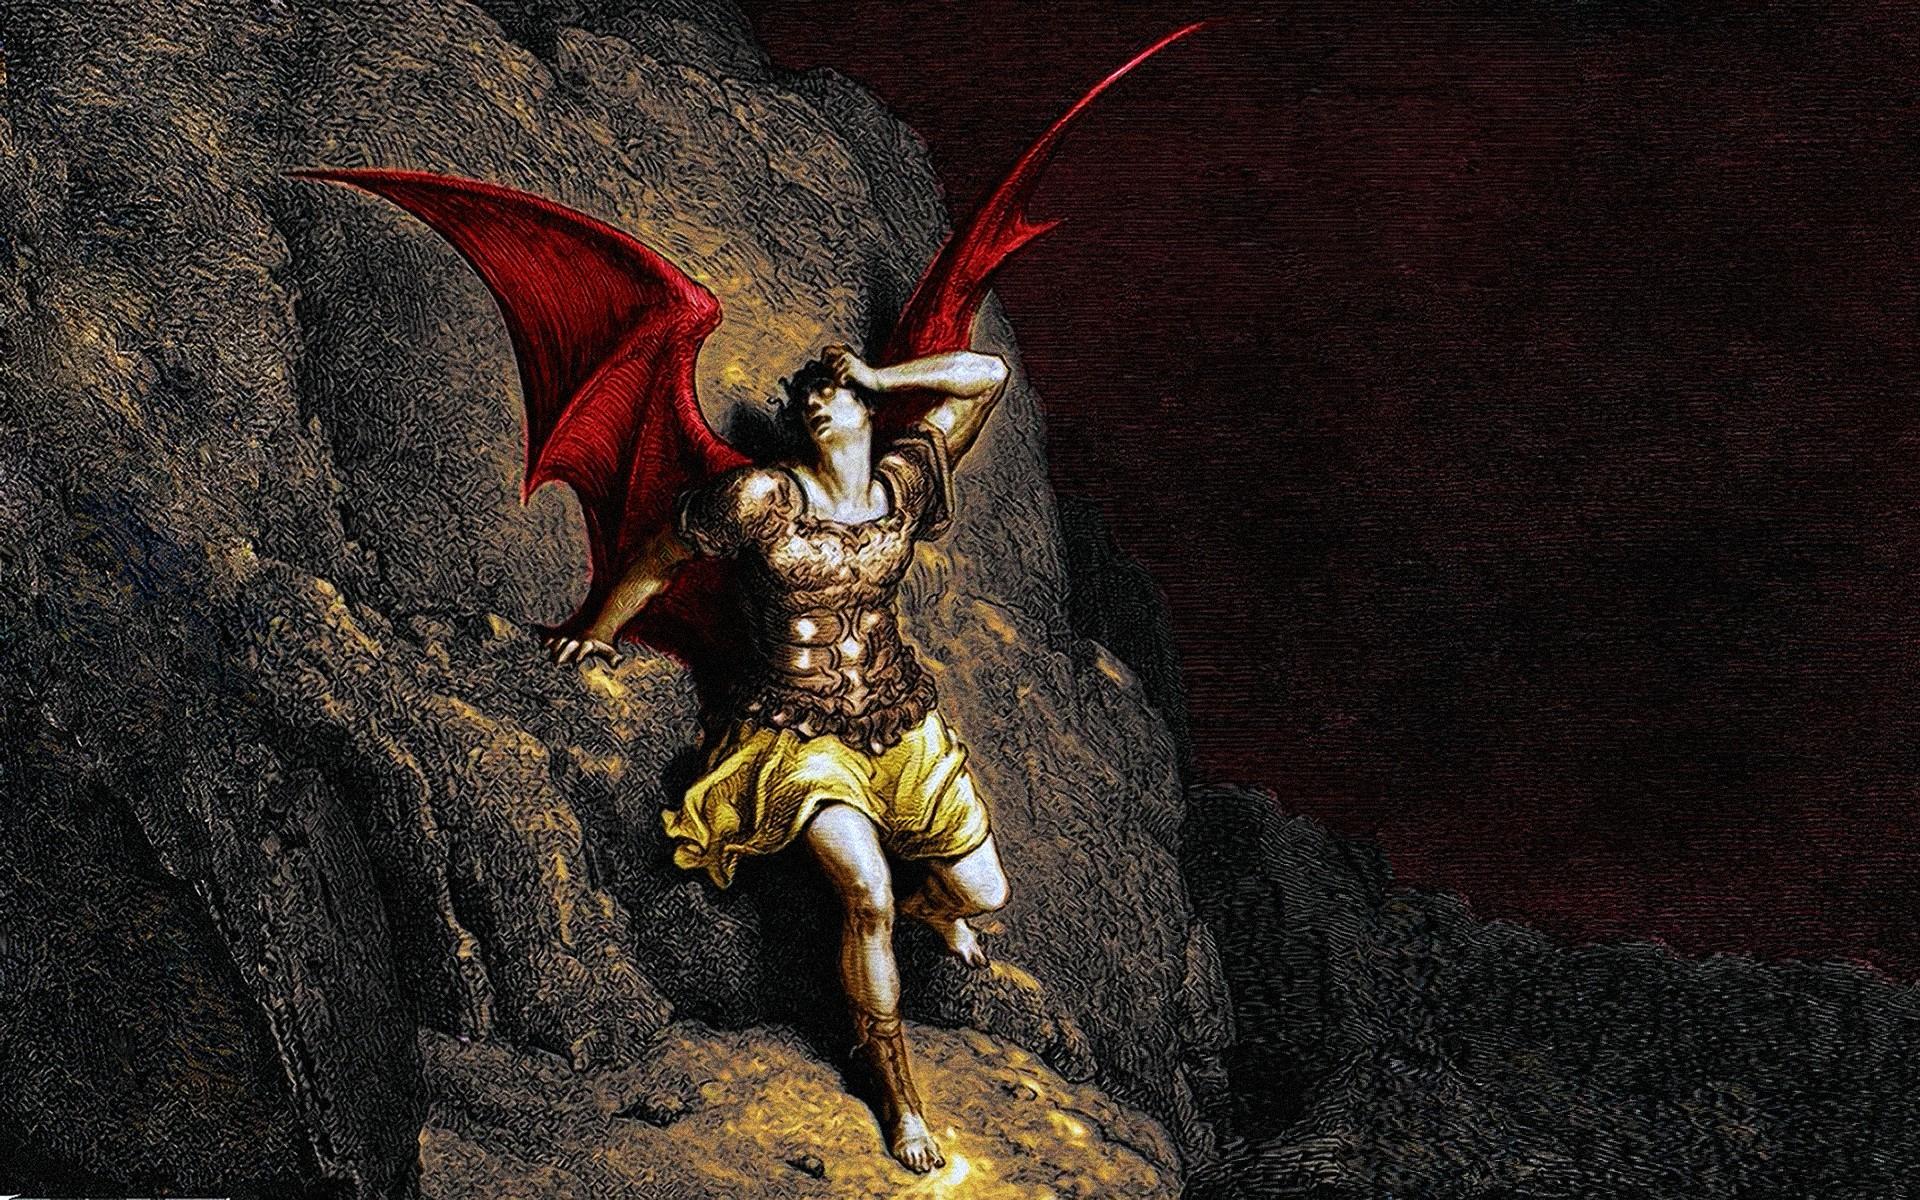 Fallen angel fire demons hell heaven satan demonic lucifer satanic demon  wallpaper